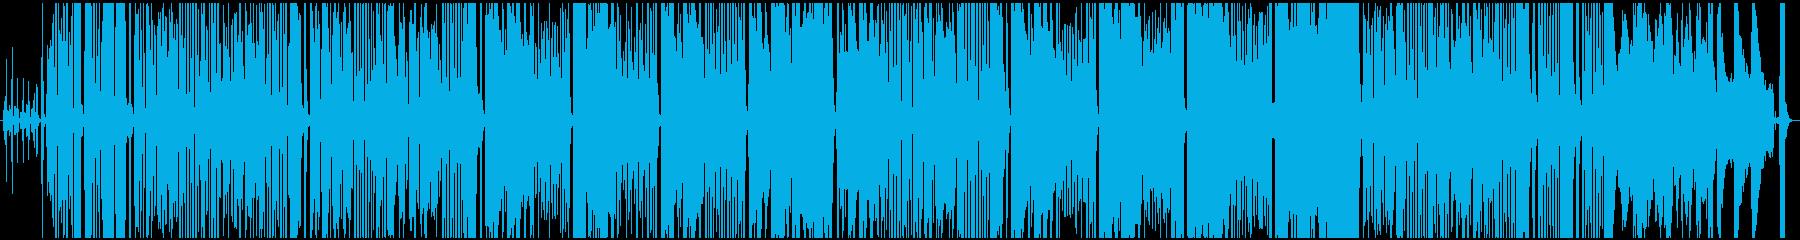 ジプシー調、レトロなアコーディオンの再生済みの波形